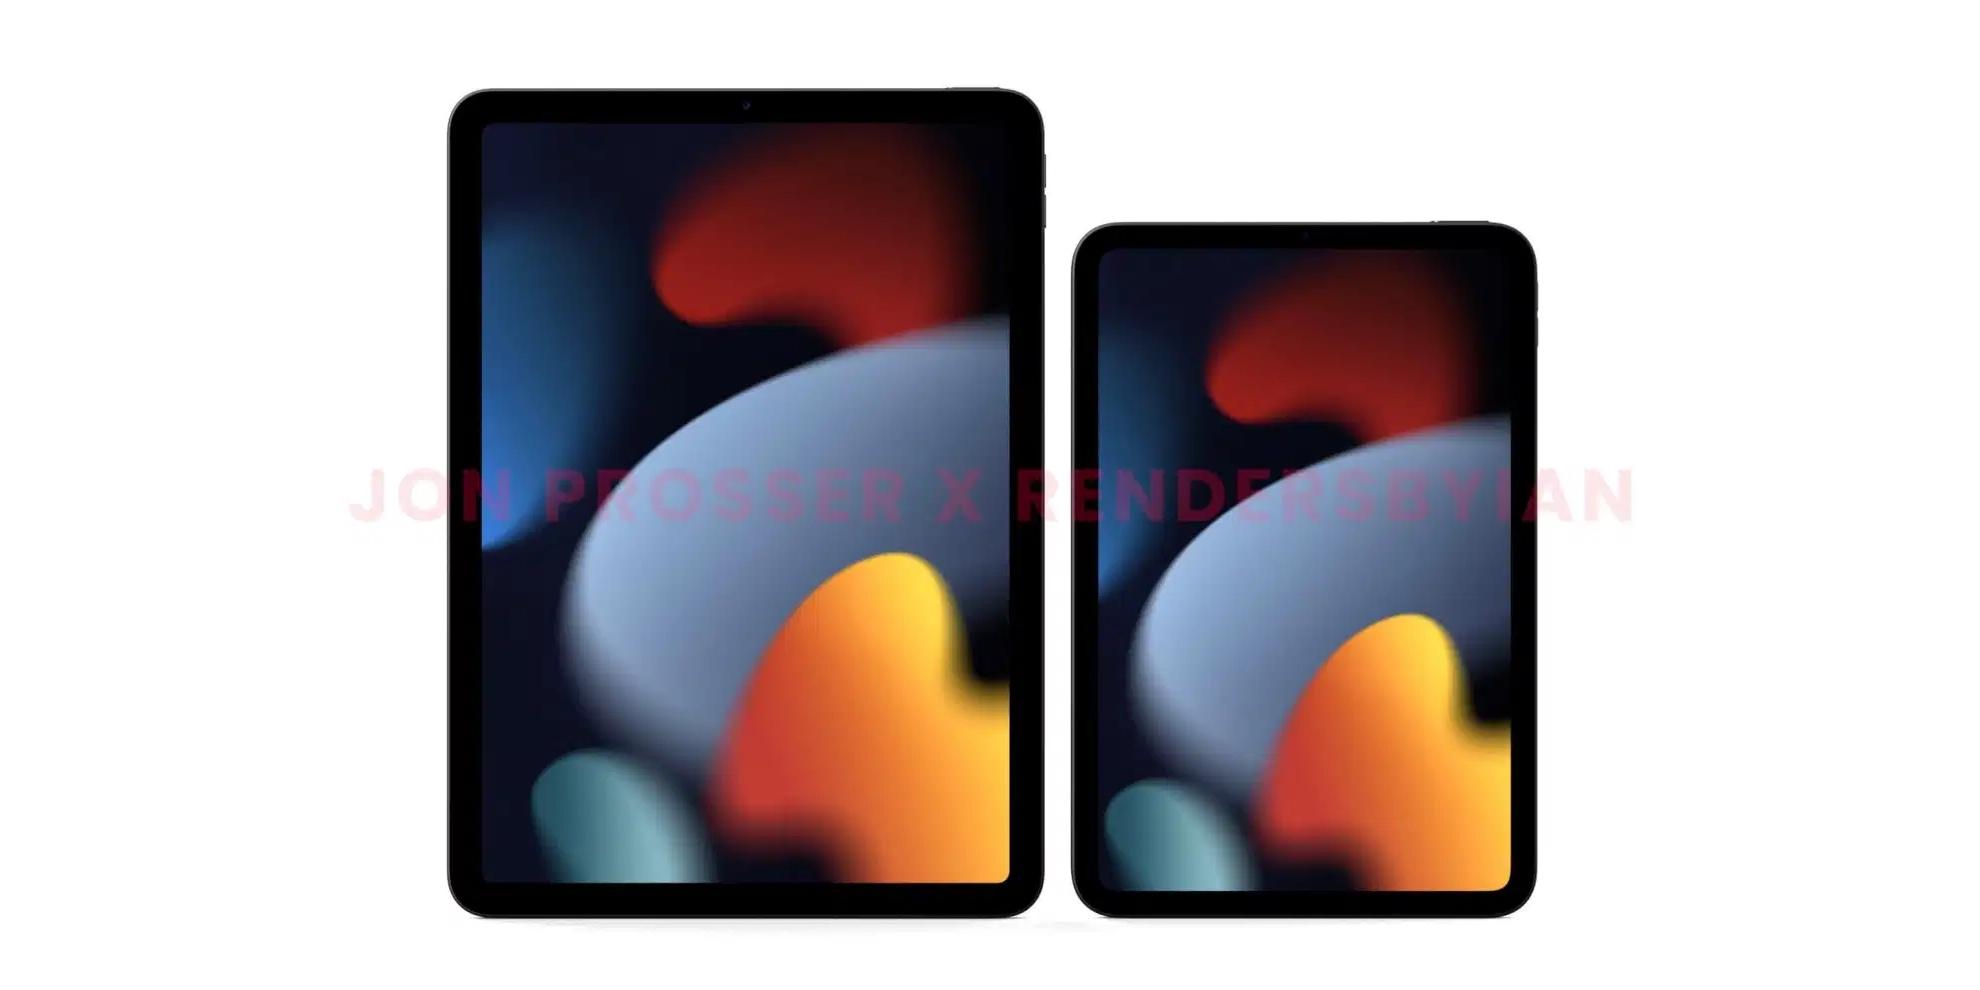 iPad mini 6 lộ thiết kế mới: Viền màn hình mỏng hơn, Touch ID tích hợp vào phím nguồn, ra mắt ngay trong năm nay! - Ảnh 2.